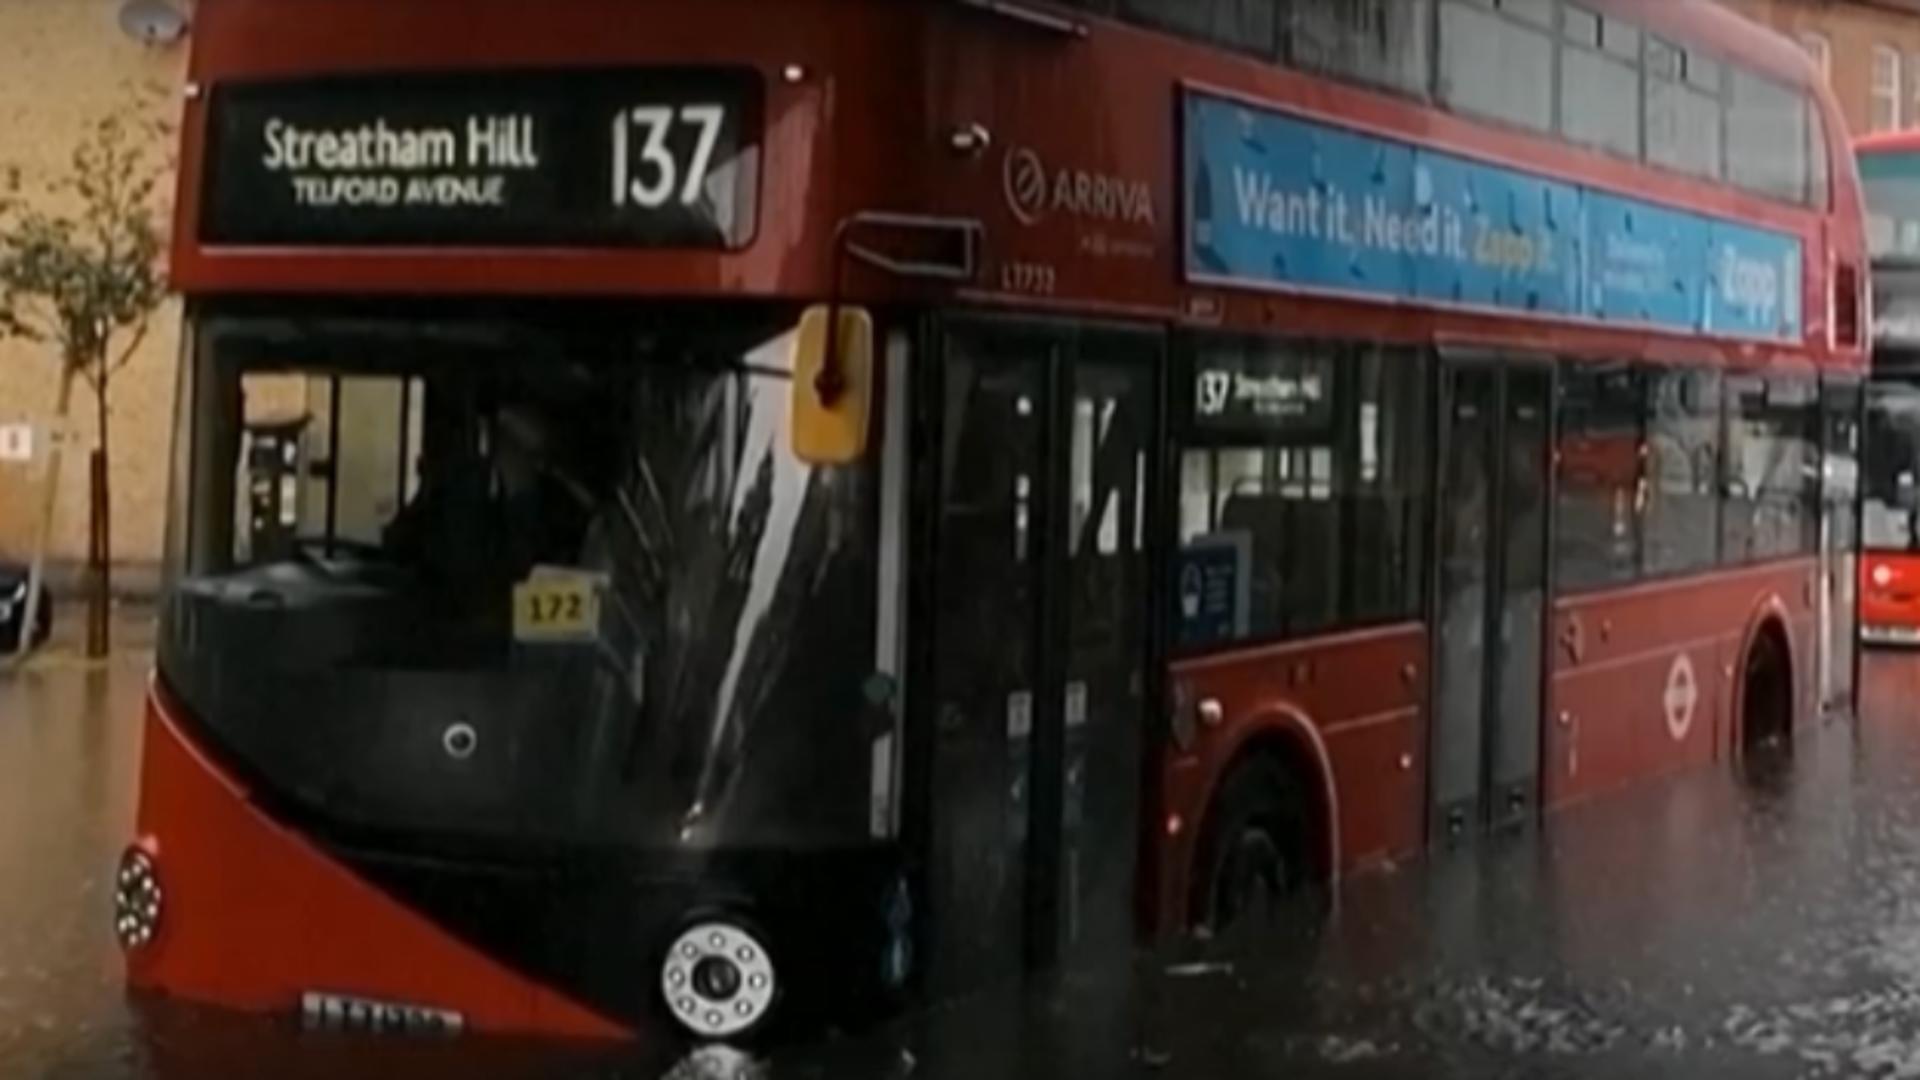 Inundații Londra. Foto: captură YouTube